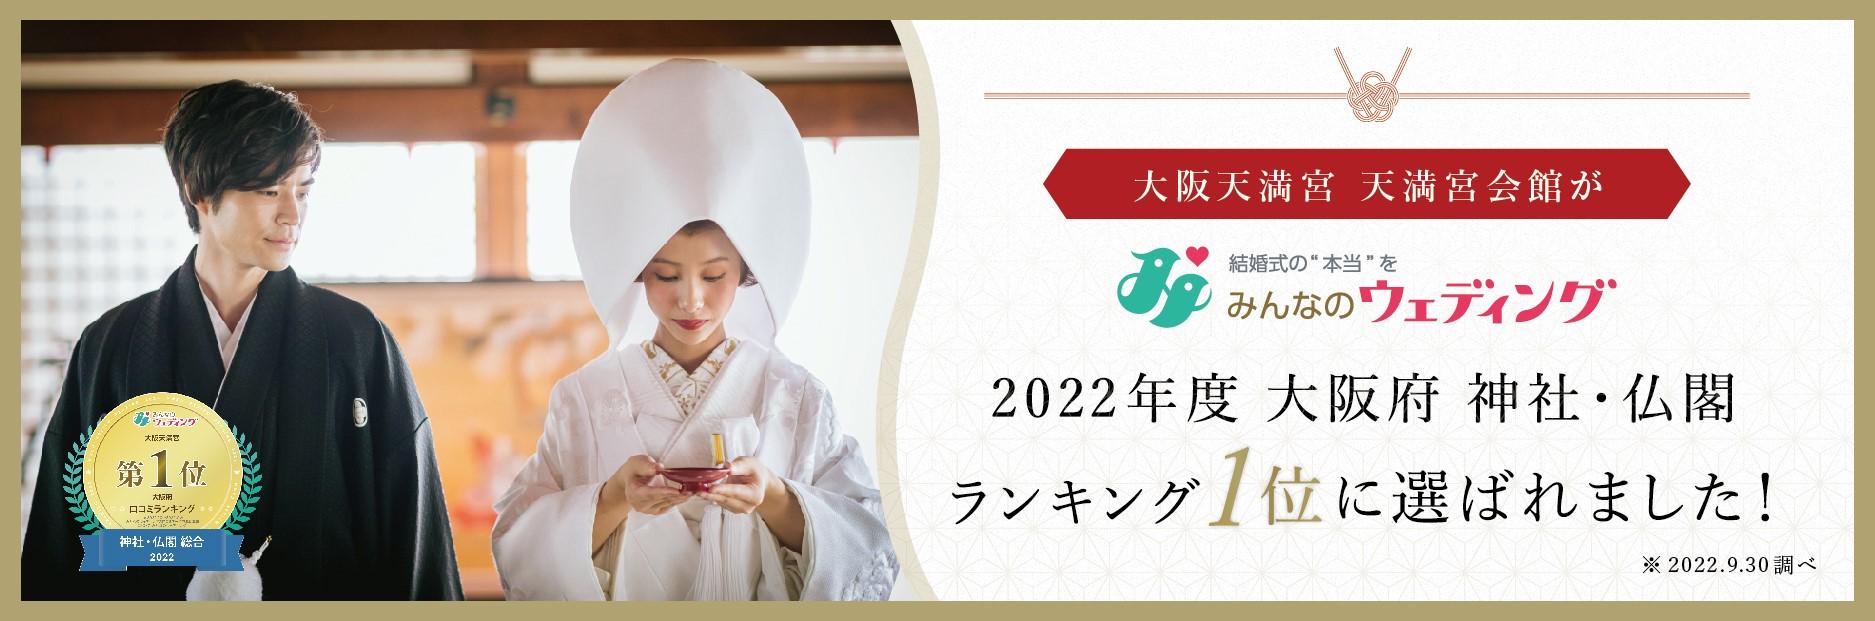 大阪天満宮会館がみんなのウエディング 2020年度 大阪府 神社・仏閣ランキング1位に選ばれました!※2021.3.15調べ